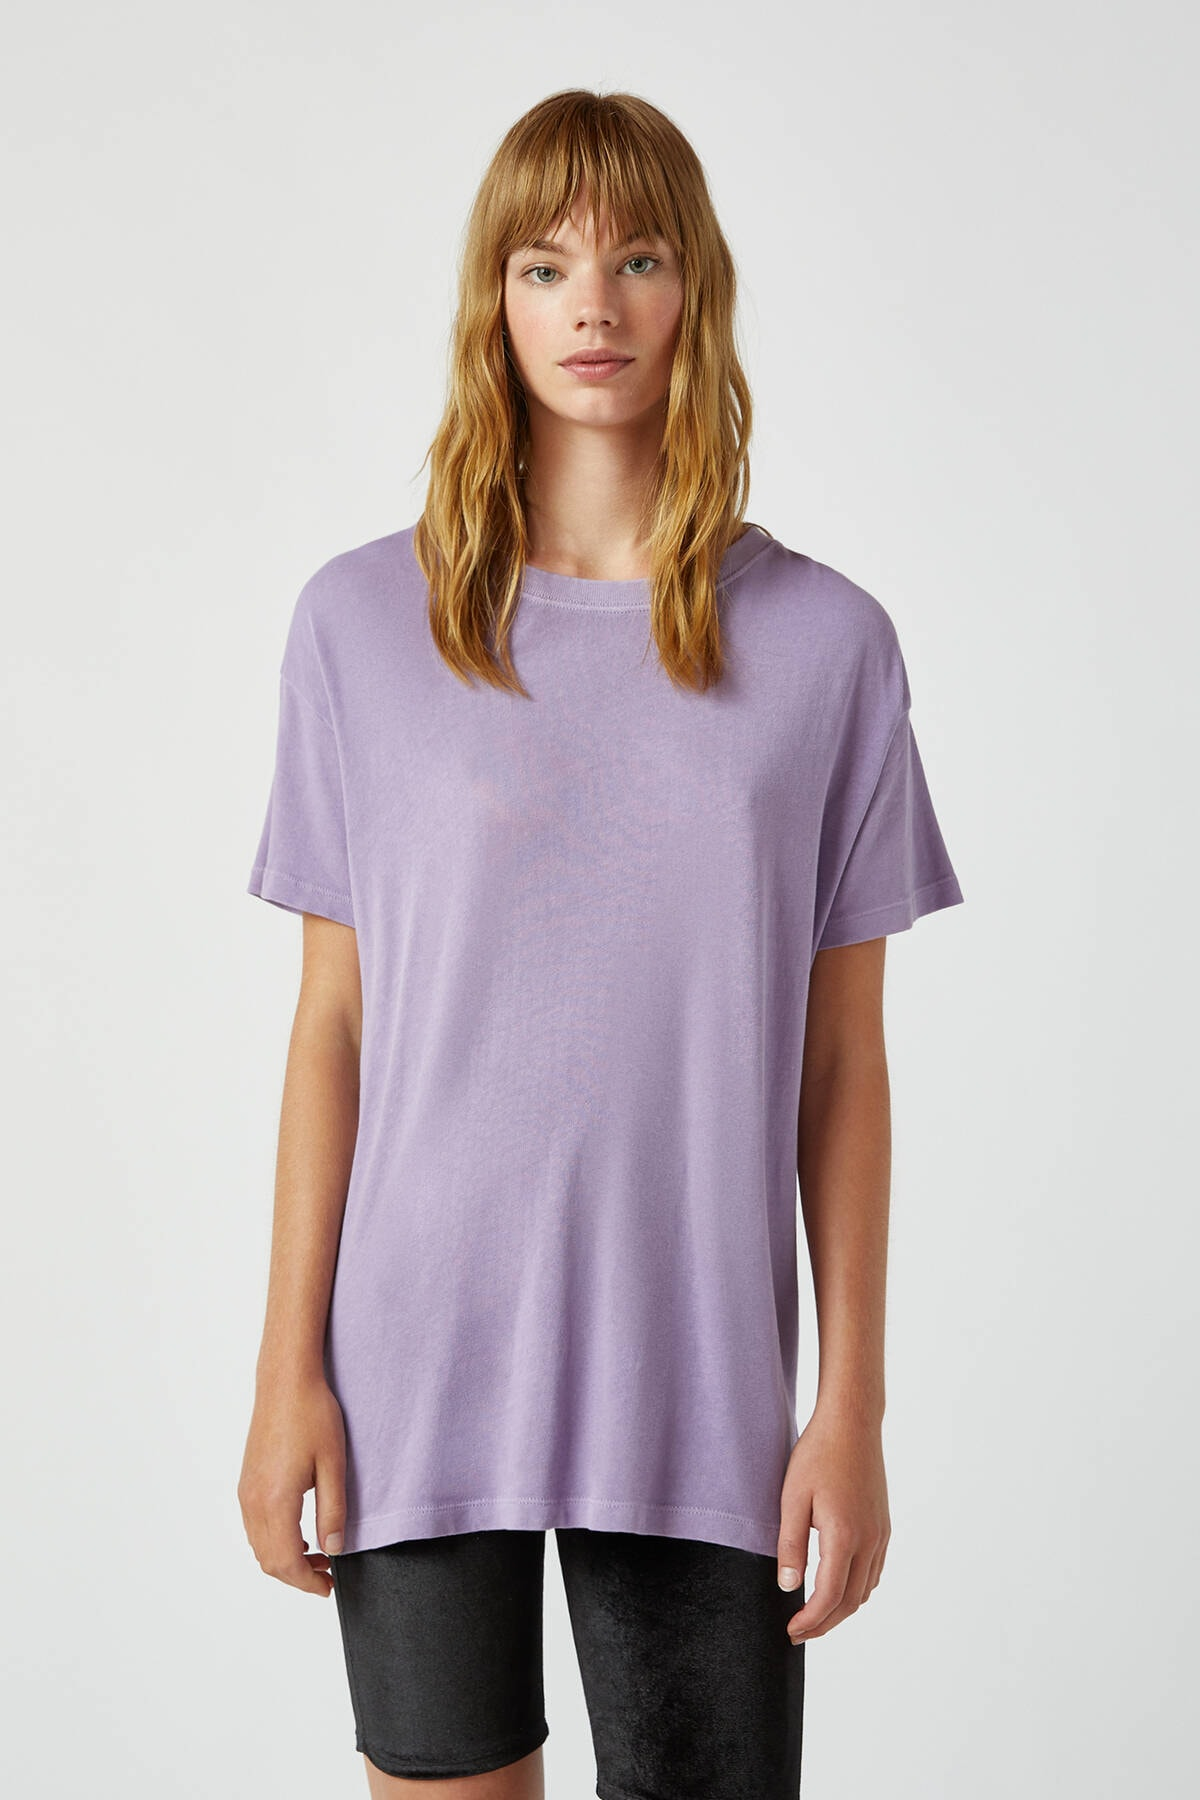 Pull & Bear Kadın Koyu Mor Soluk Efektli Basic Oversize T-Shirt 05236365 0